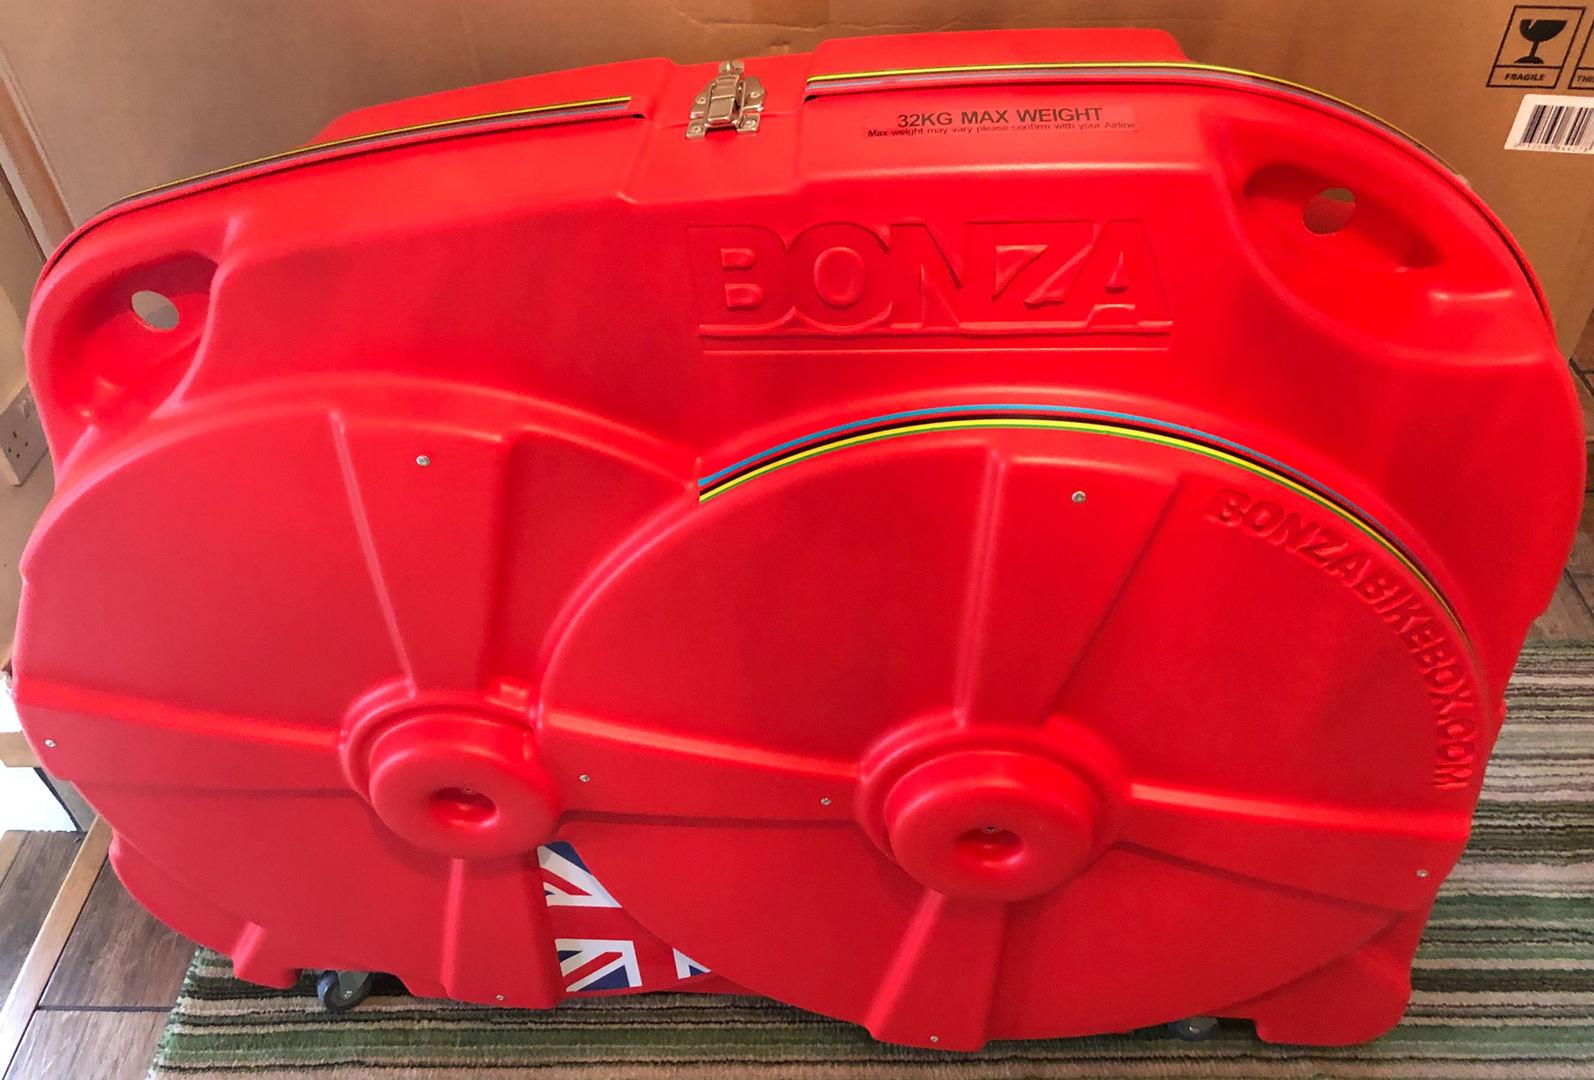 Bonza bike box front